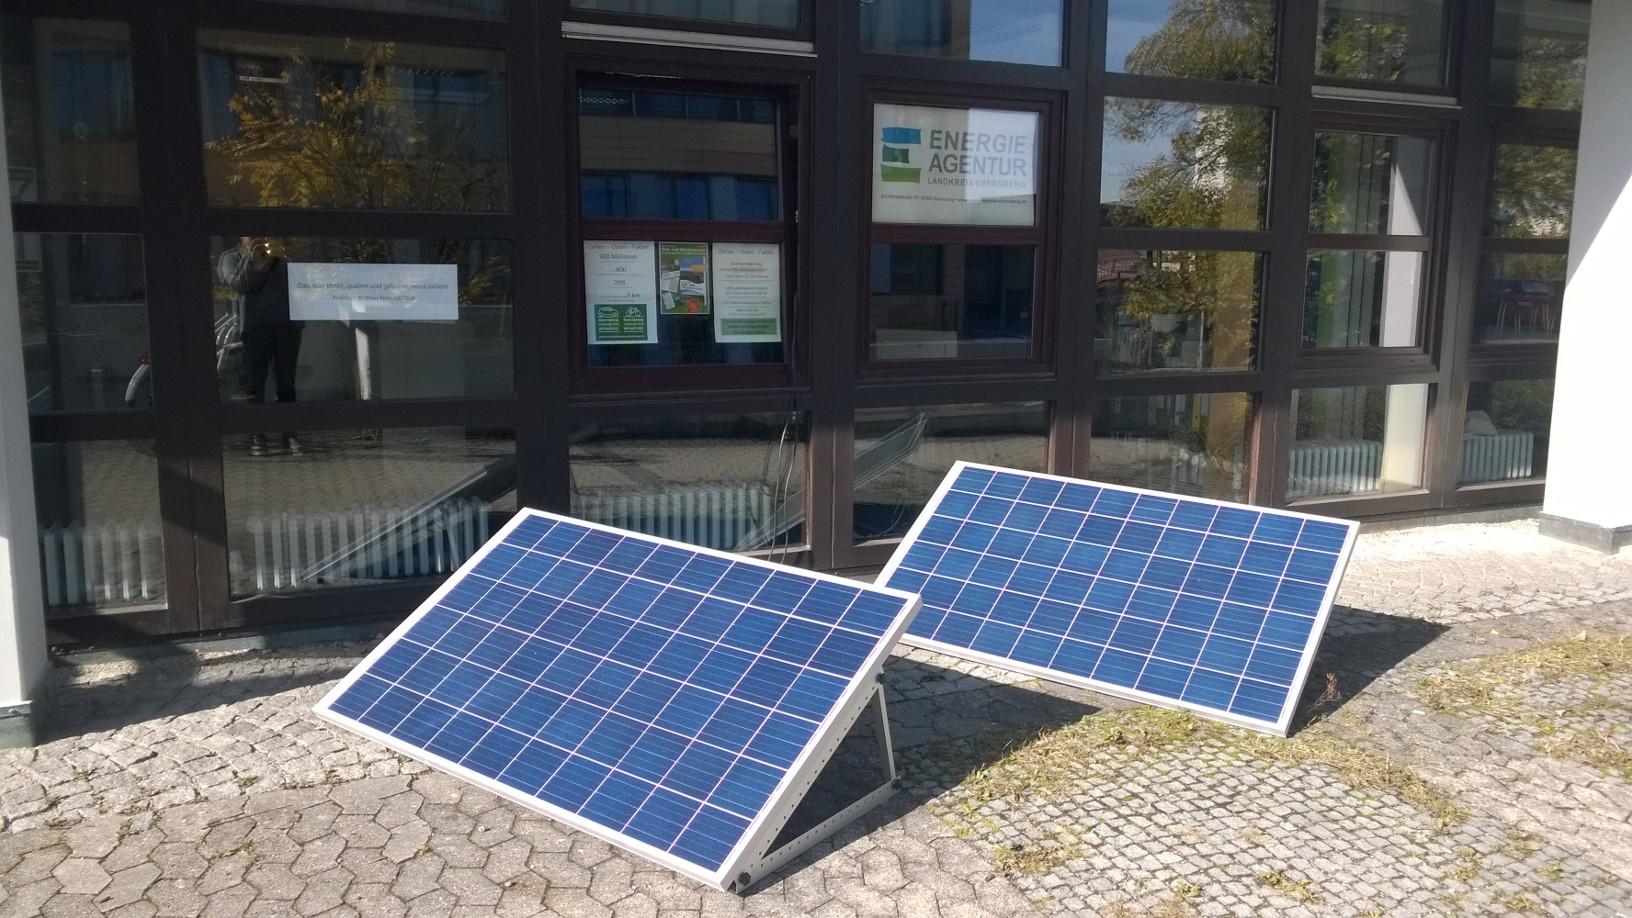 Schön Photoelektrische Sensorschaltung Fotos - Die Besten ...